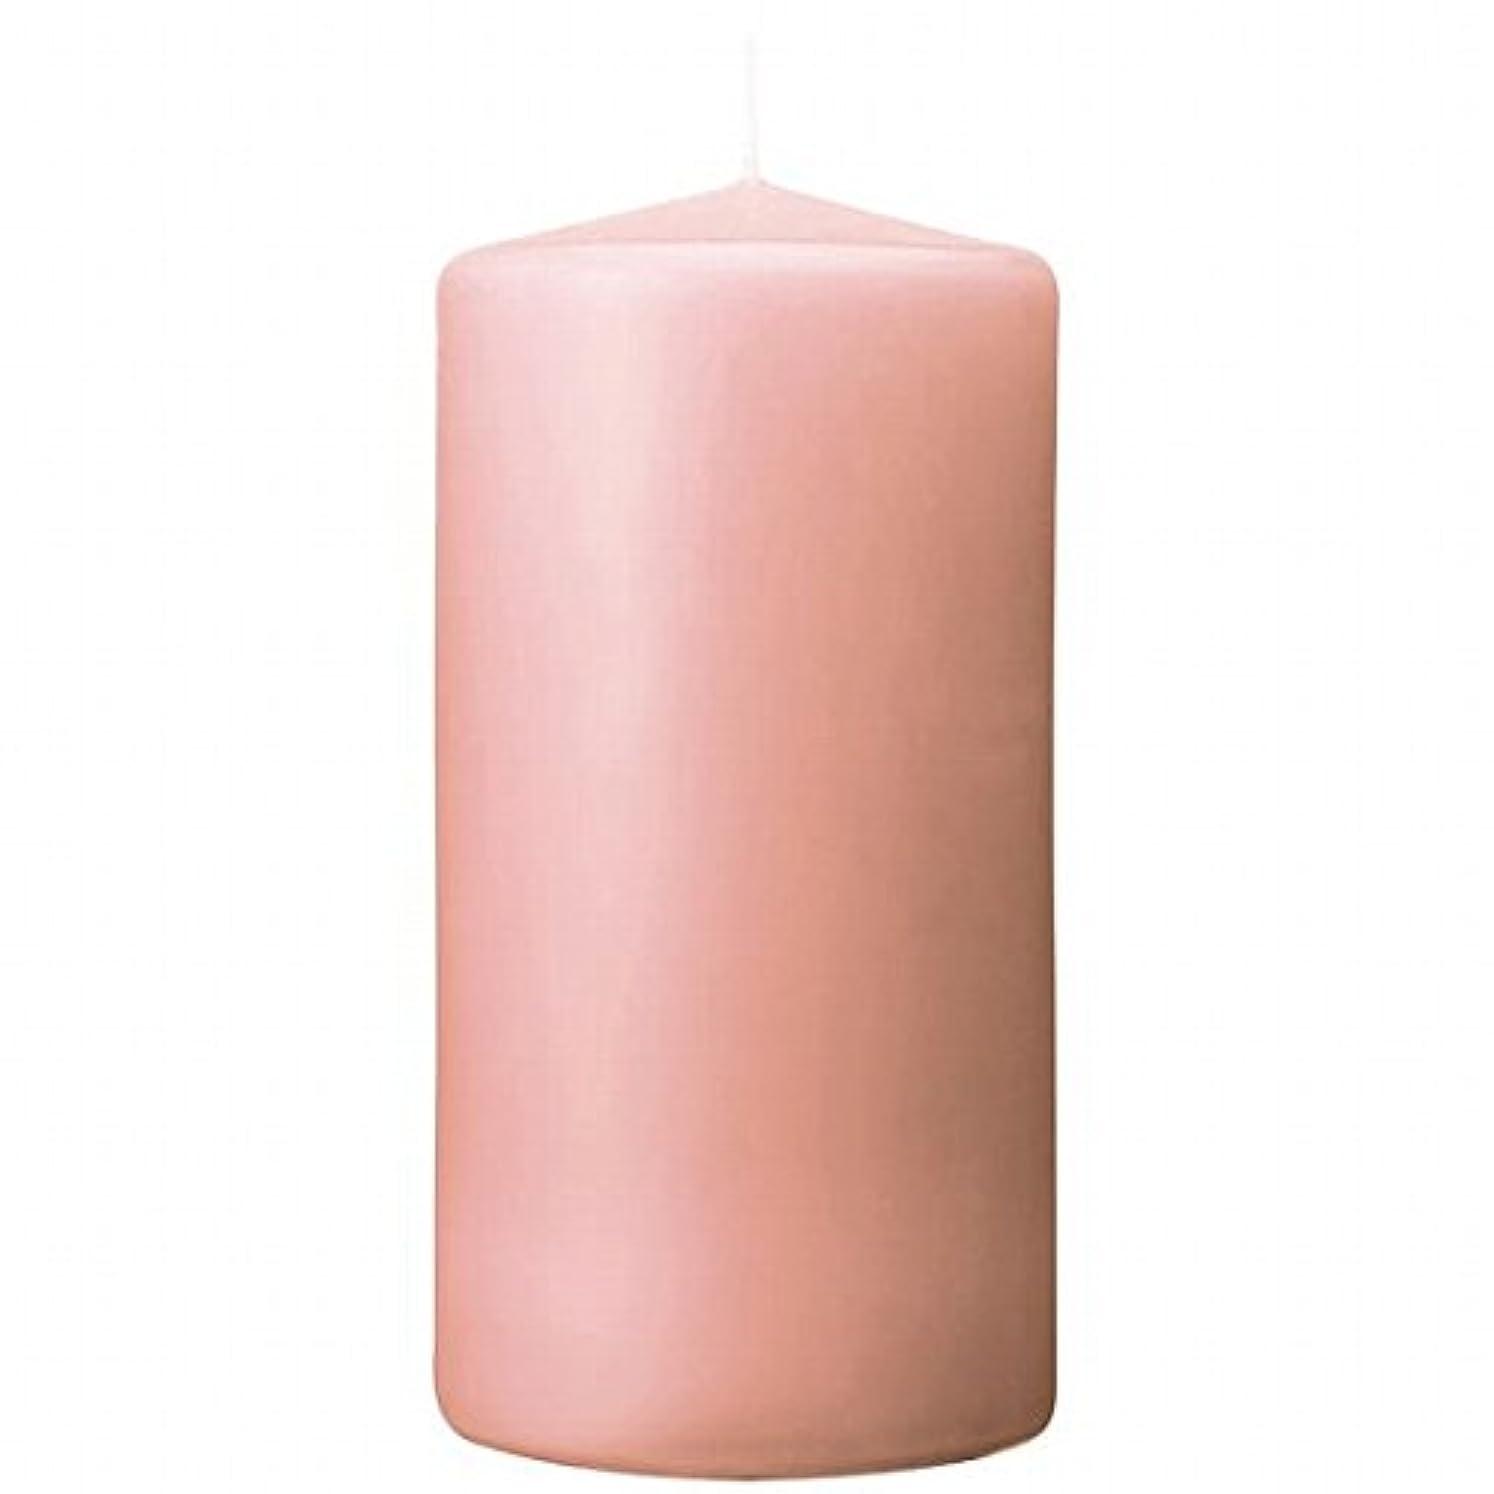 だますトロピカルお誕生日カメヤマキャンドル(kameyama candle) 3×6ベルトップピラーキャンドル 「 ピーチアンバ 」